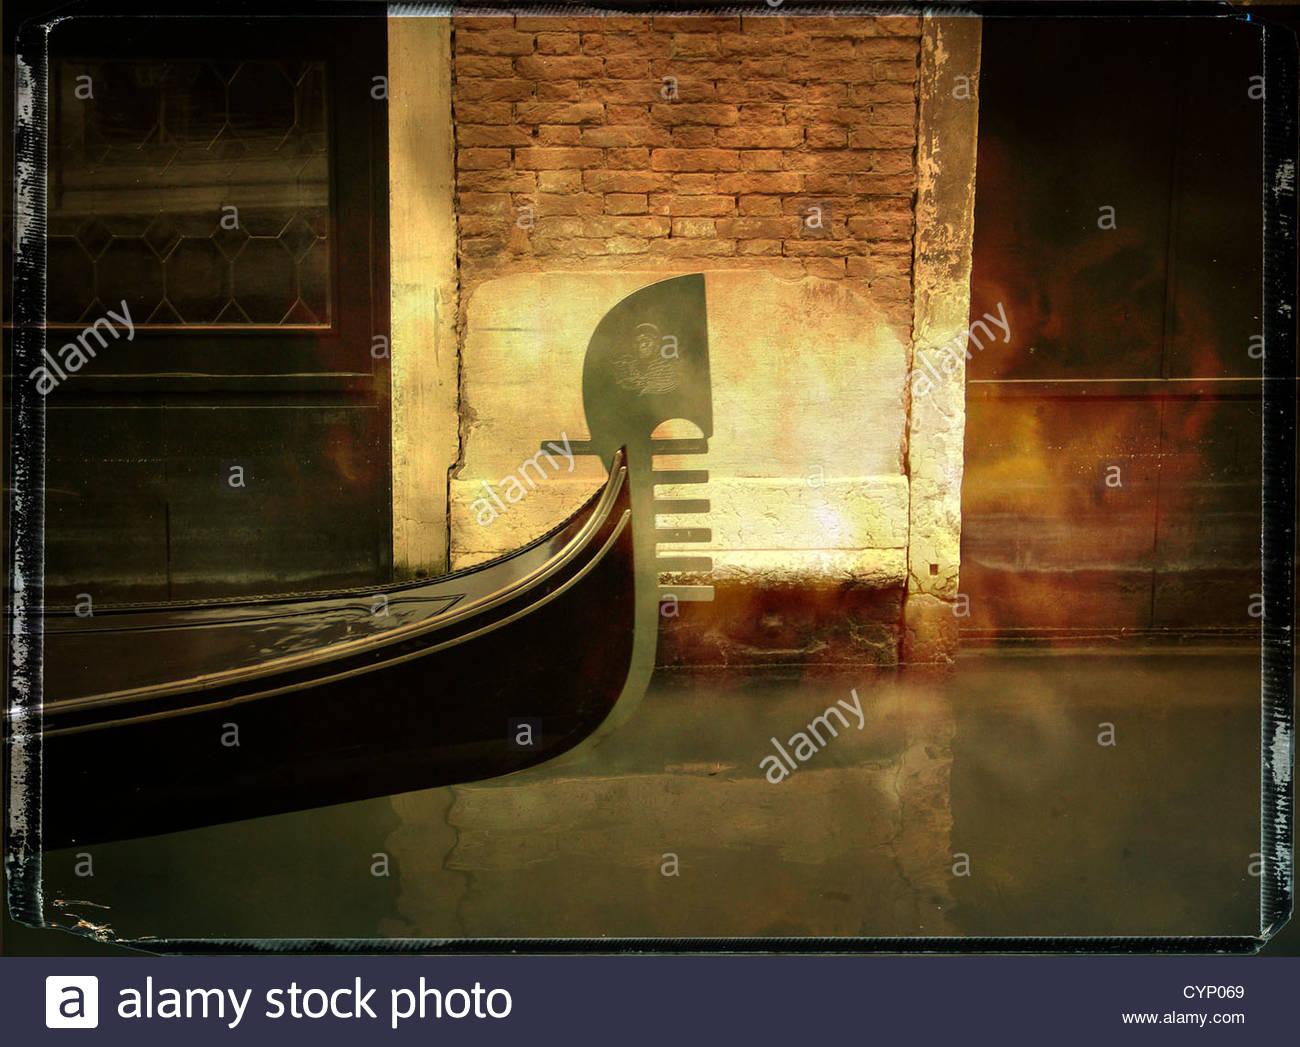 Arco de una góndola, Venecia, Italia Imagen De Stock